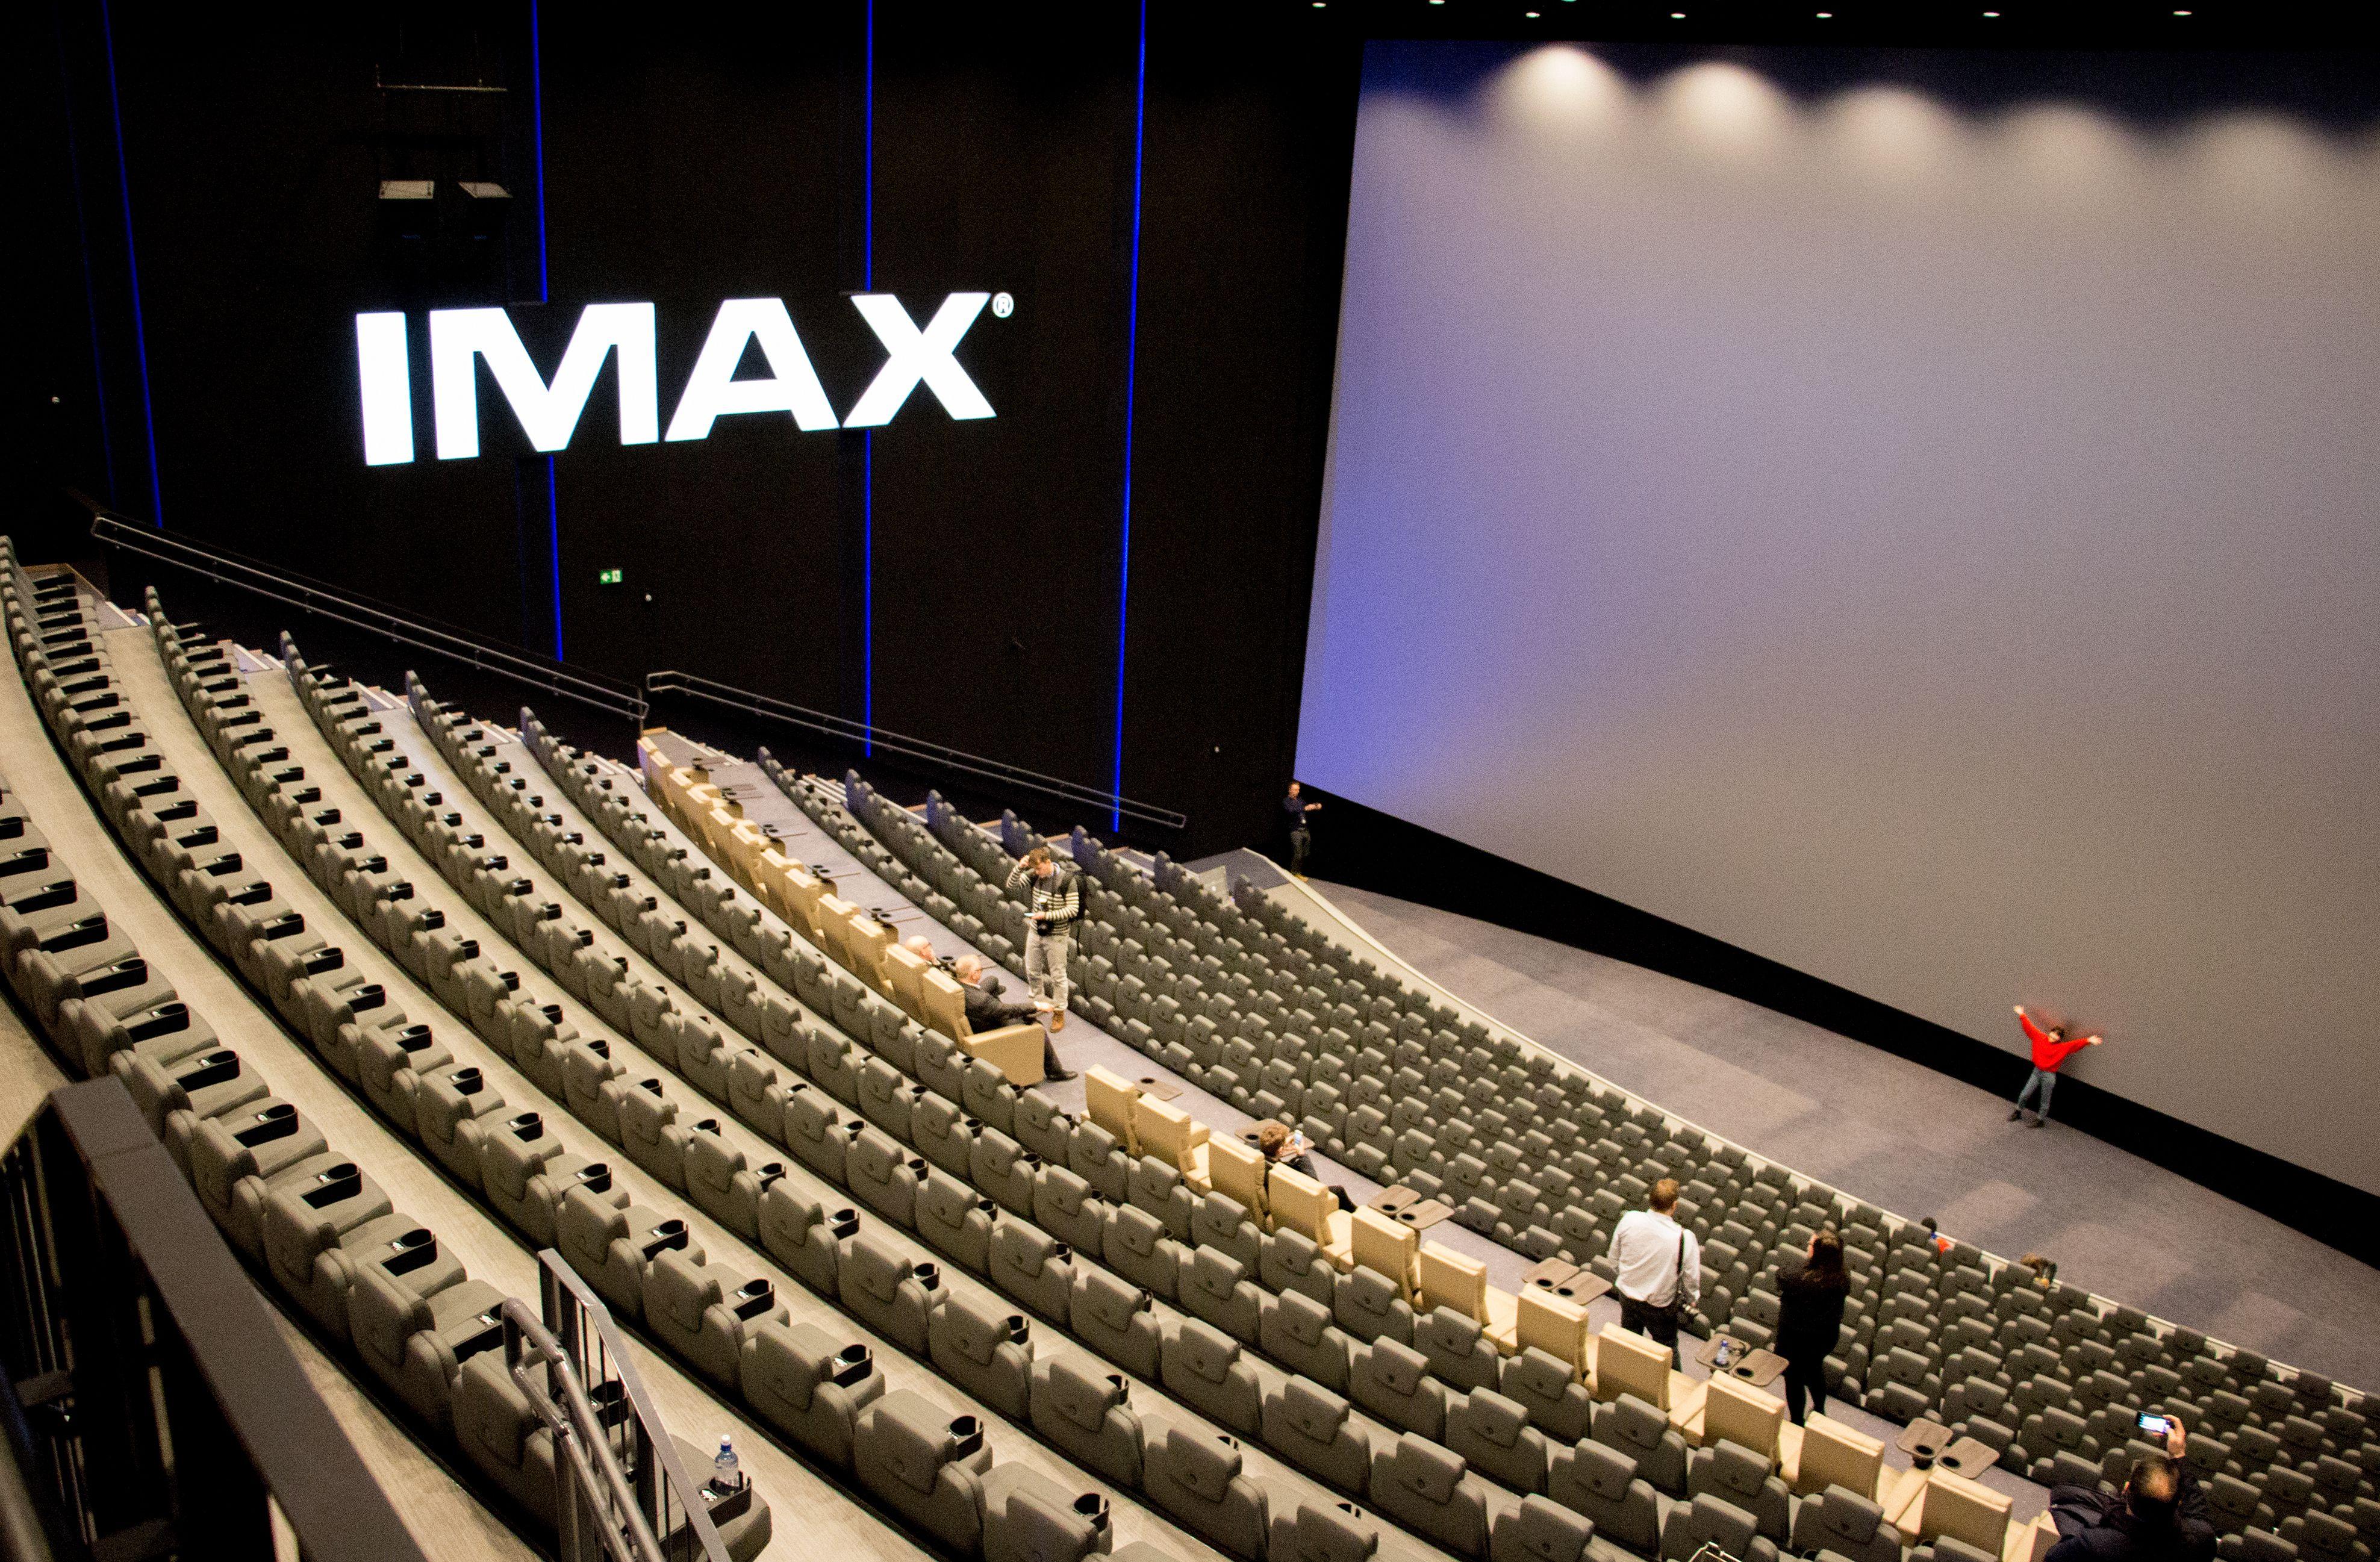 Lerretet i IMAX-salen på Storo Kinosenter måler 25 x 15 meter.